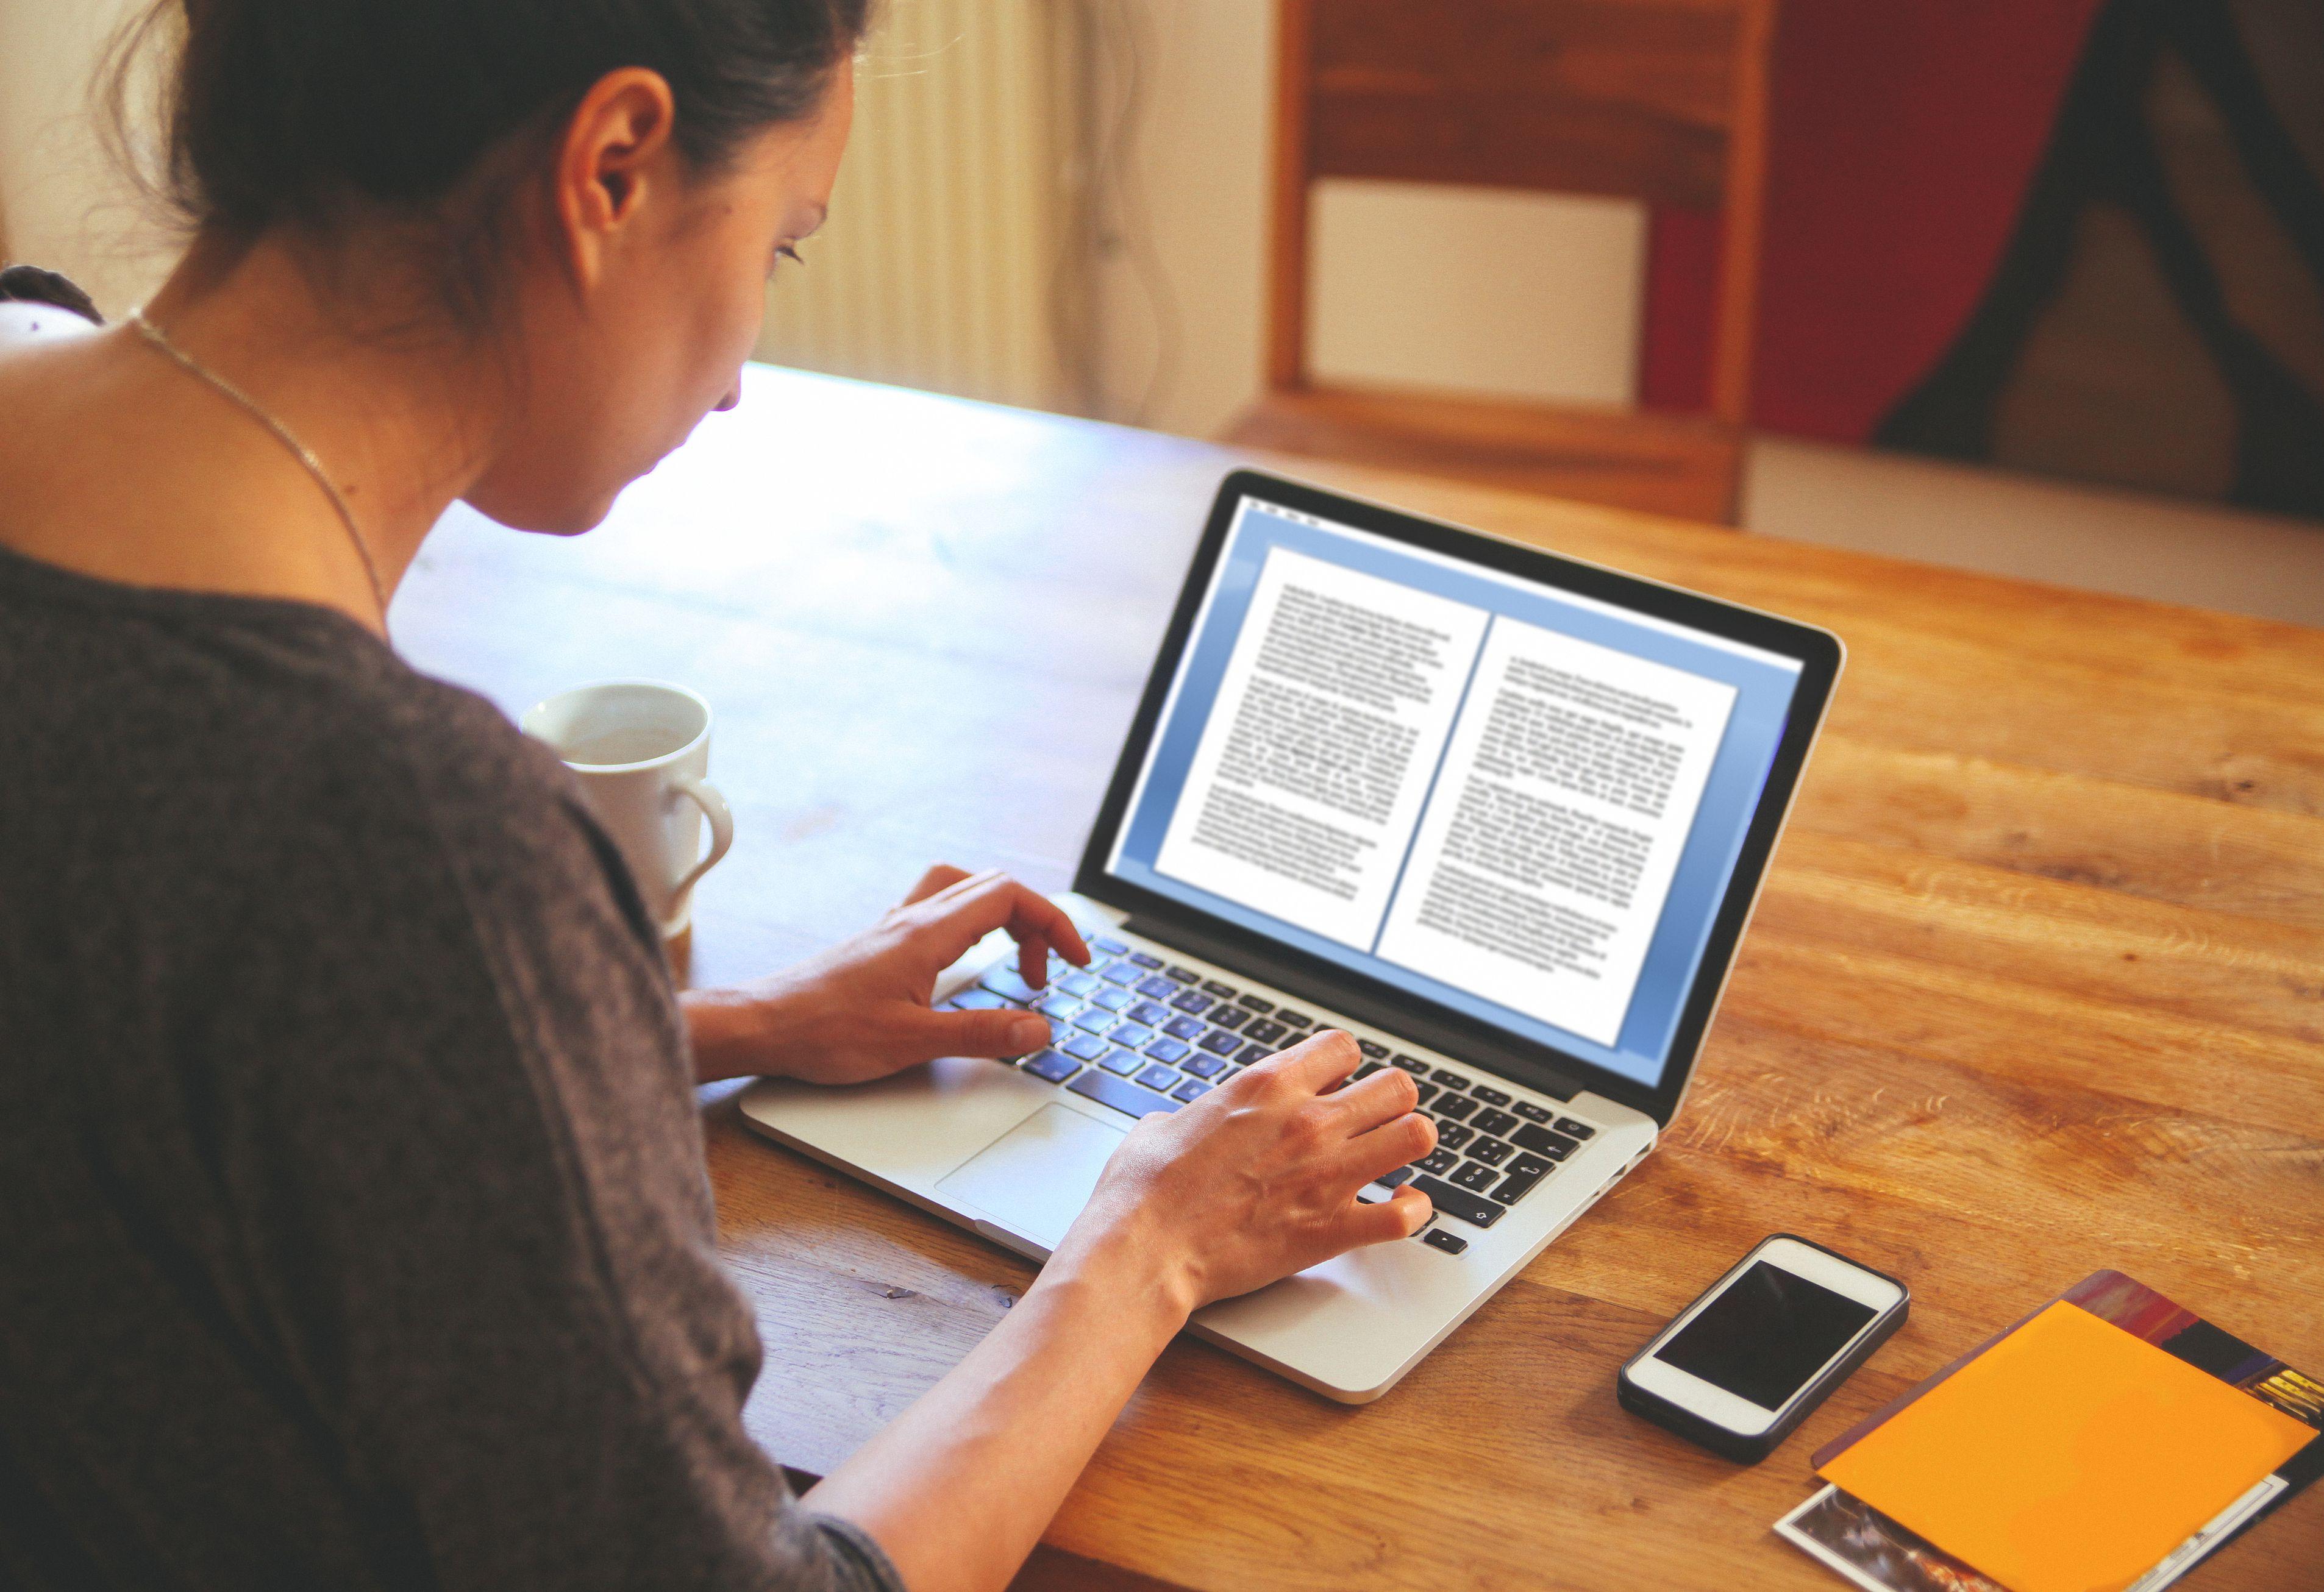 ترفندهای تولید محتوا: چگونه در عرض 30 دقیقه دهها موضوع خوب برای نوشتن پیدا کنیم؟